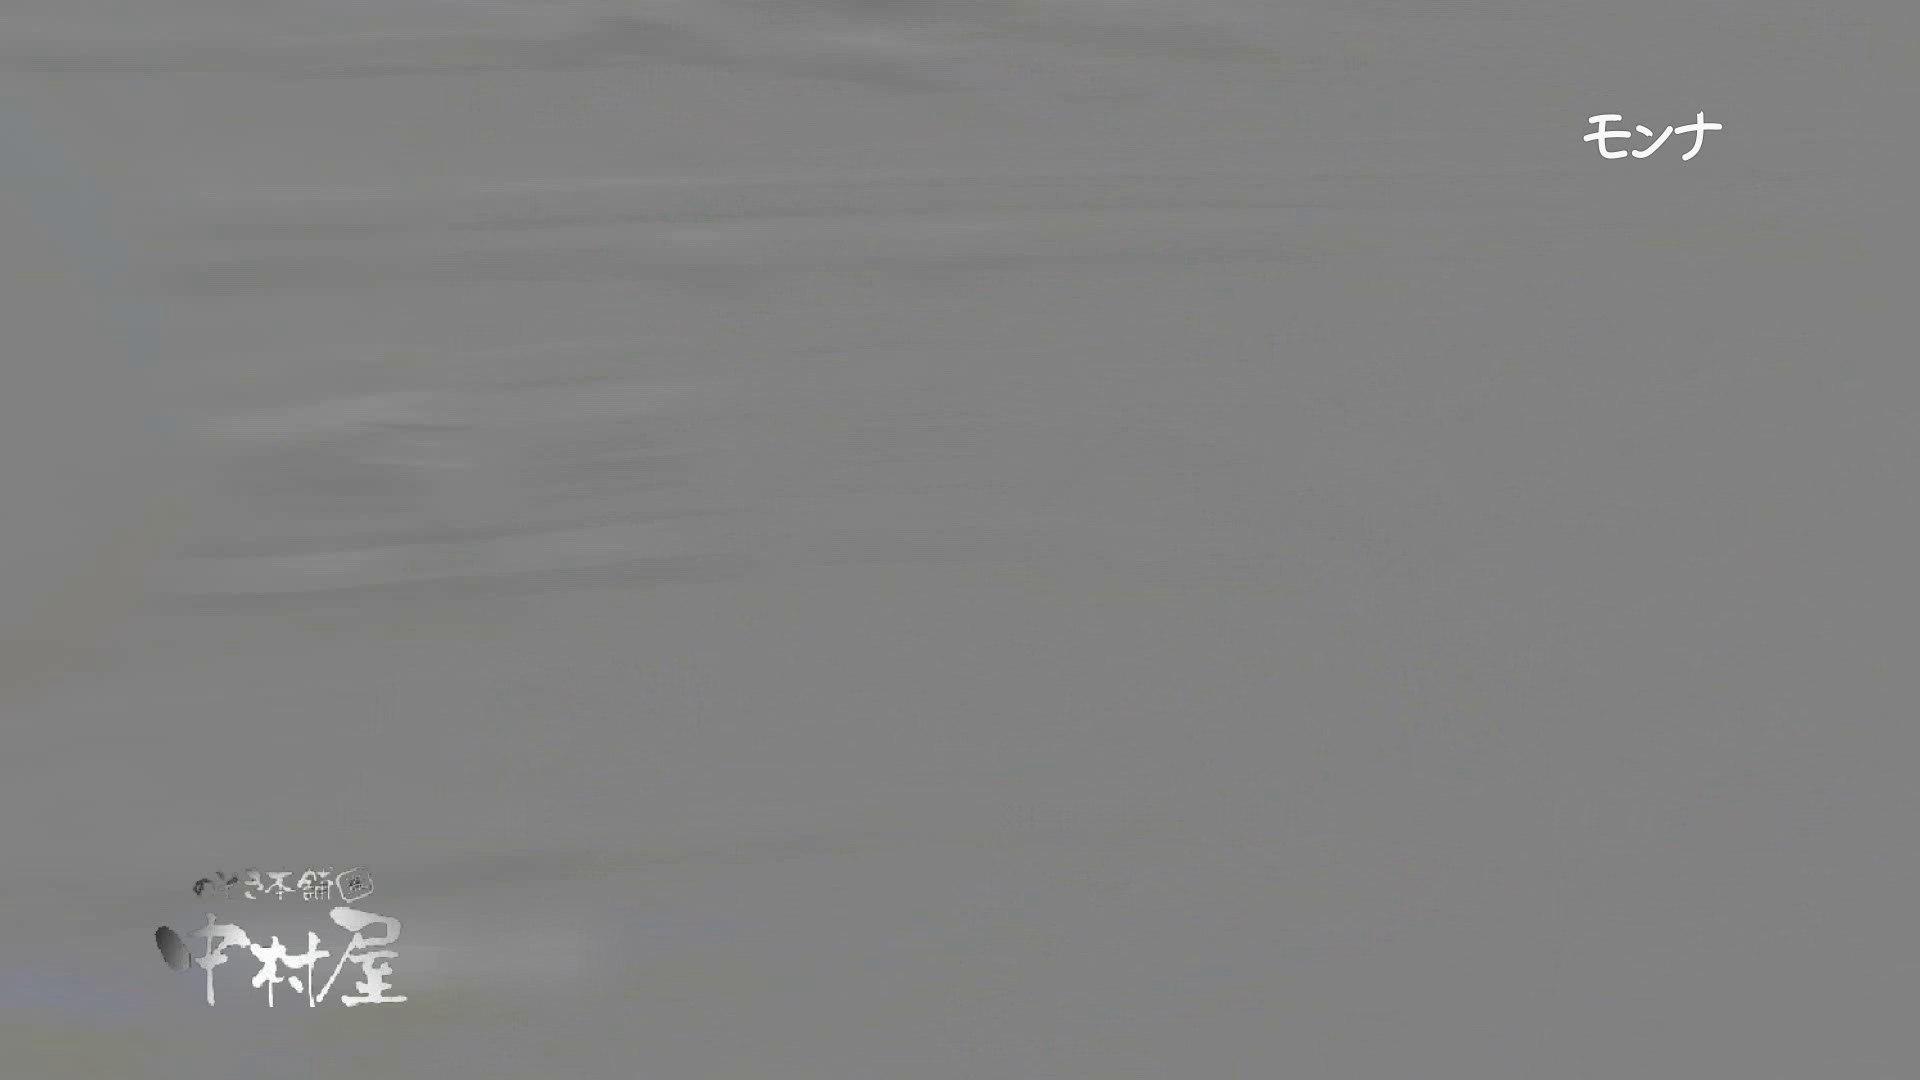 【美しい日本の未来】新学期!!下半身中心に攻めてます美女可愛い女子悪戯盗satuトイレ後編 トイレ われめAV動画紹介 100PIX 66